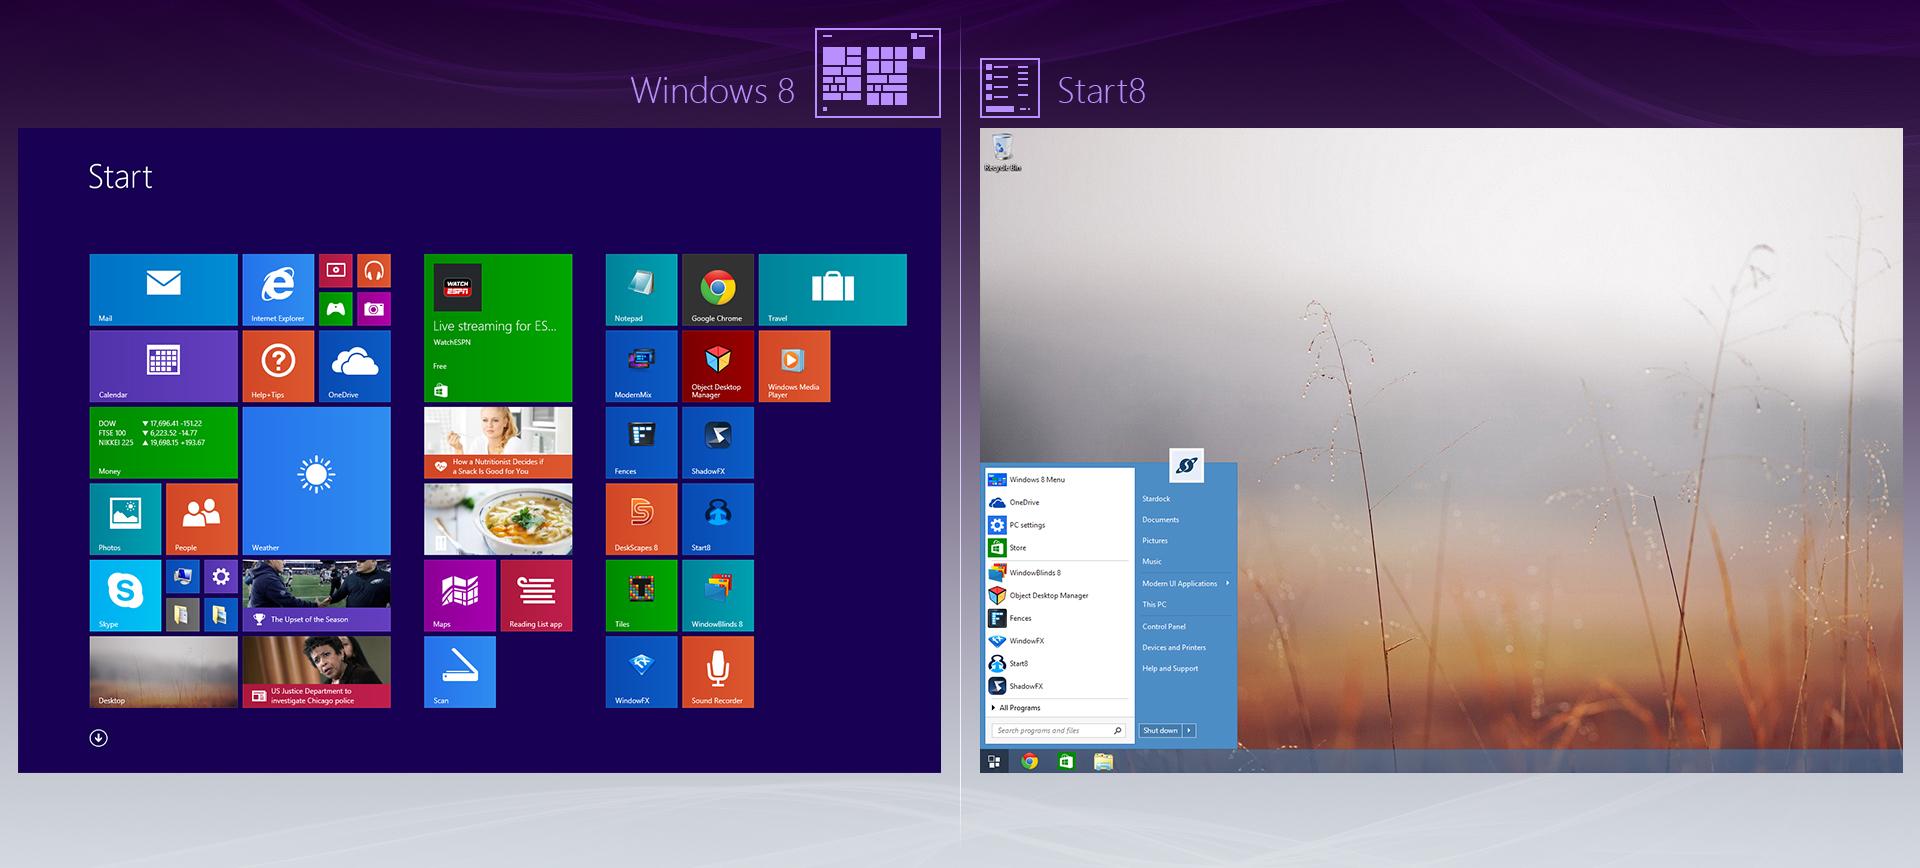 Full Start8 screenshot